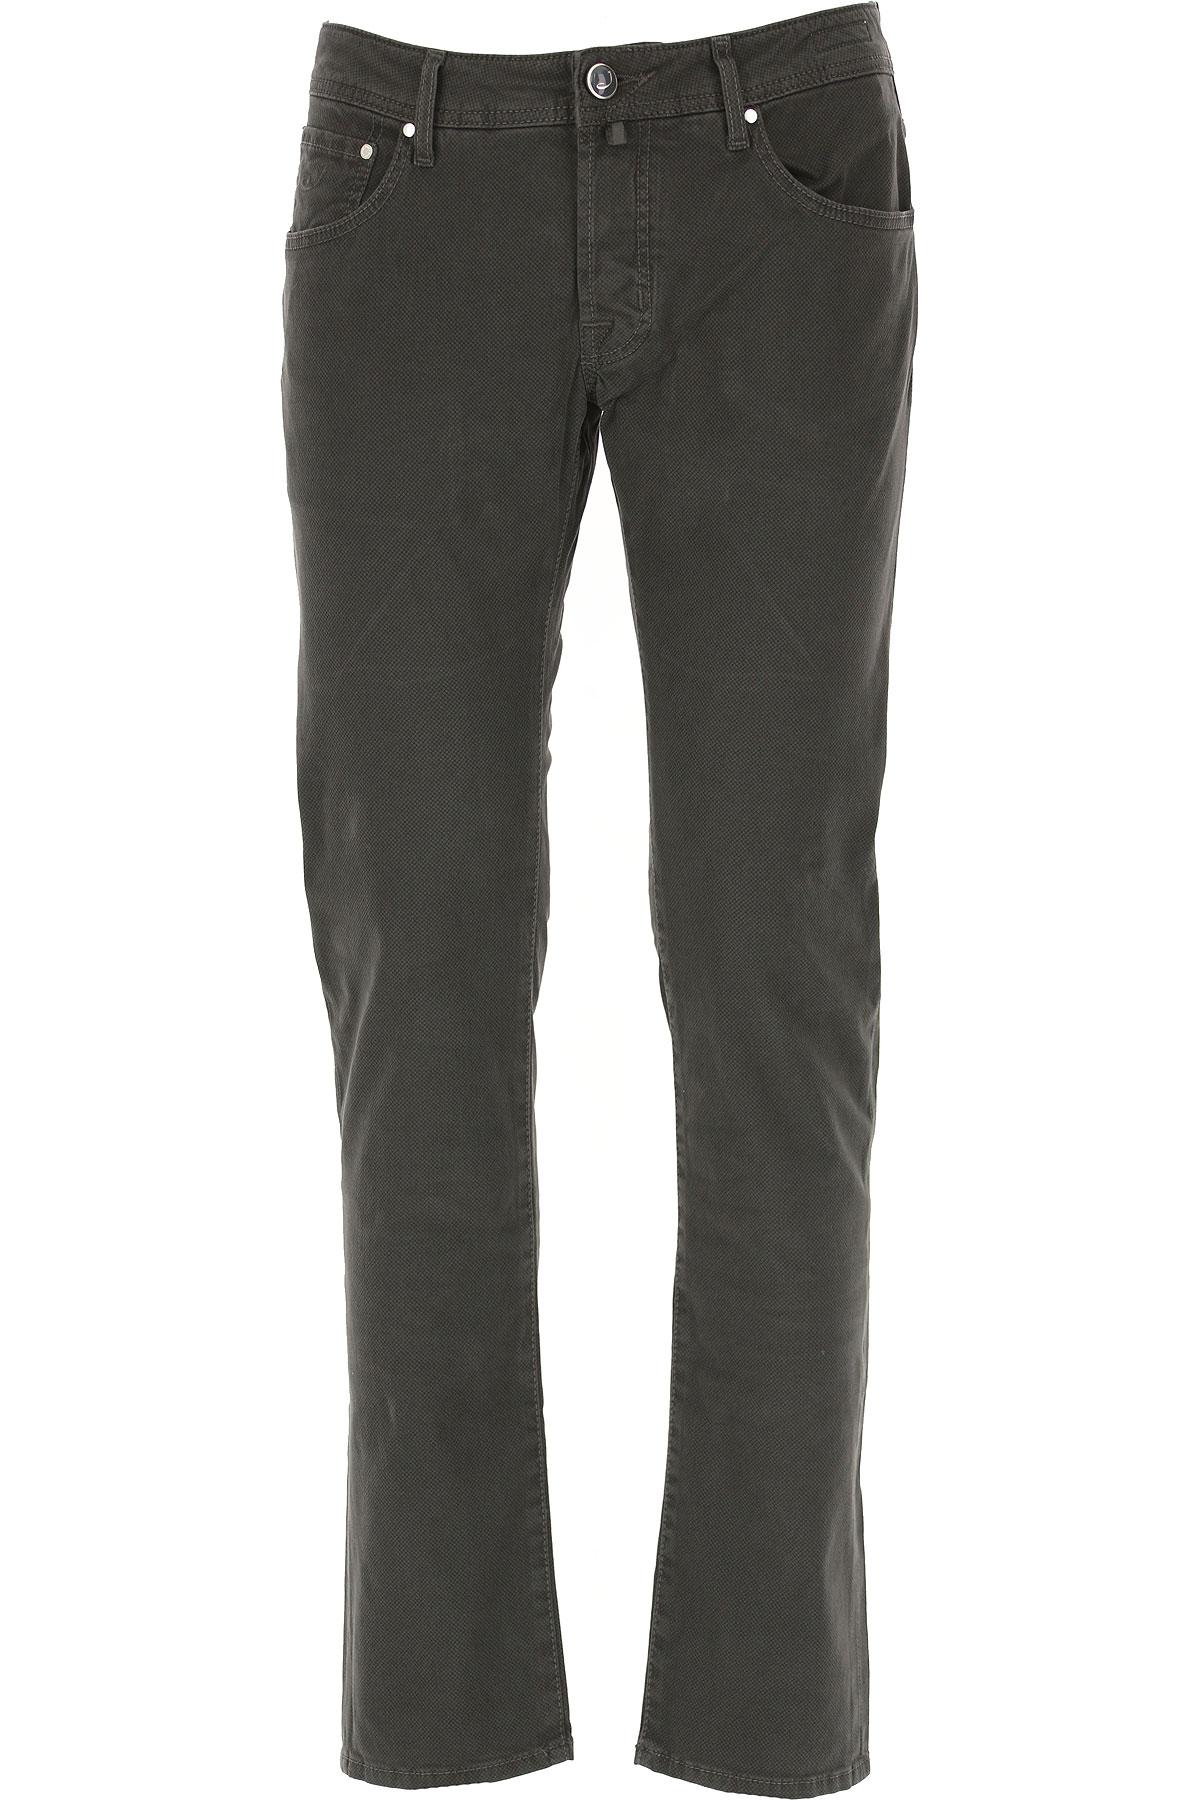 Jacob Cohen Jeans On Sale, Asphalt Grey, Cotton, 2019, 31 32 34 35